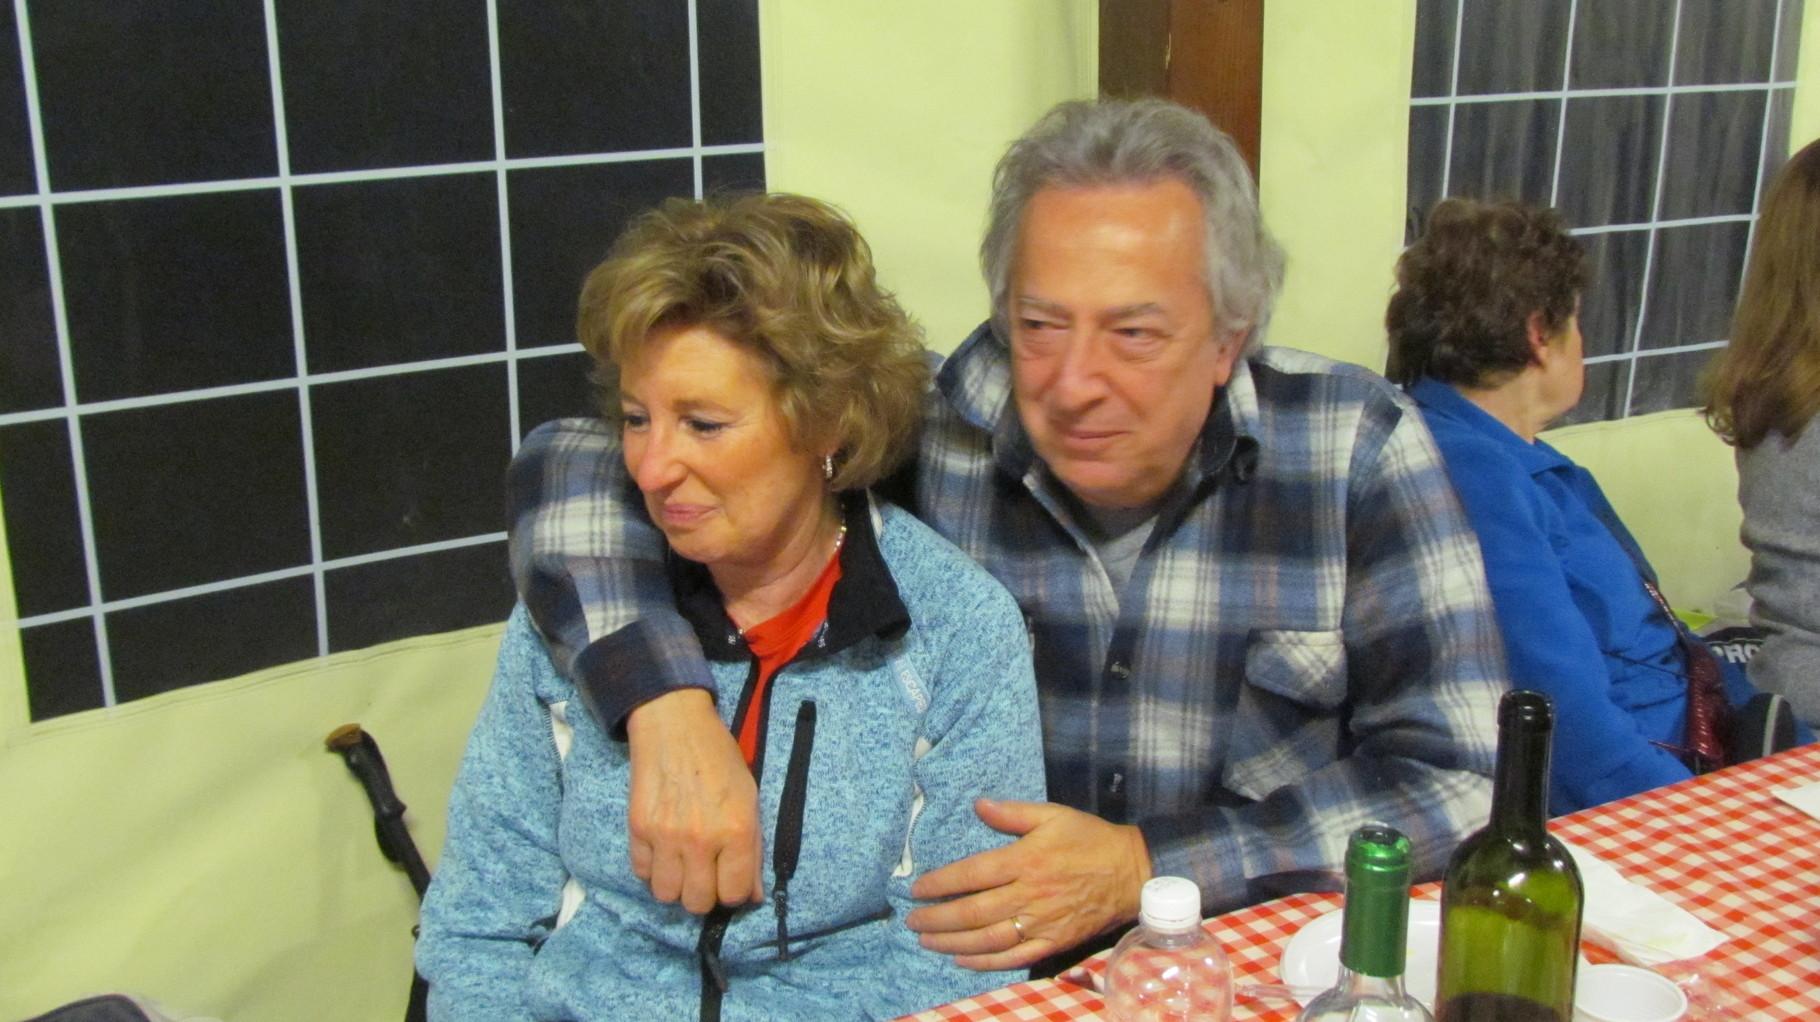 FLAVIA E GABRIO